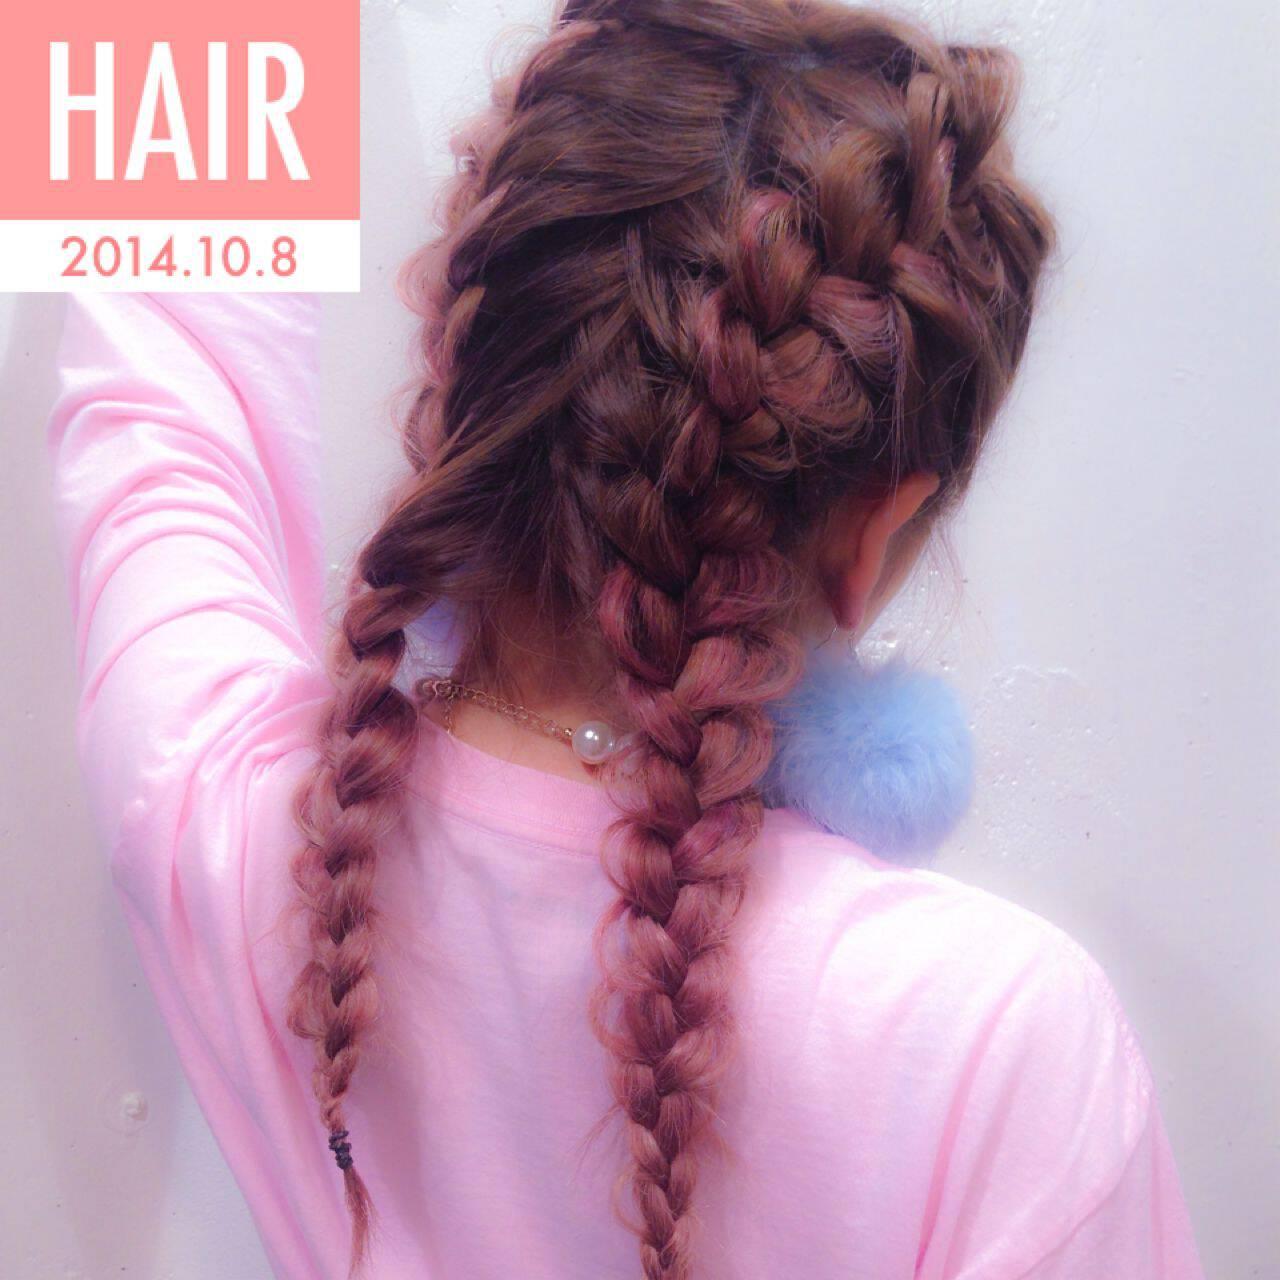 ストレート 三つ編み グラデーションカラー ヘアアレンジヘアスタイルや髪型の写真・画像